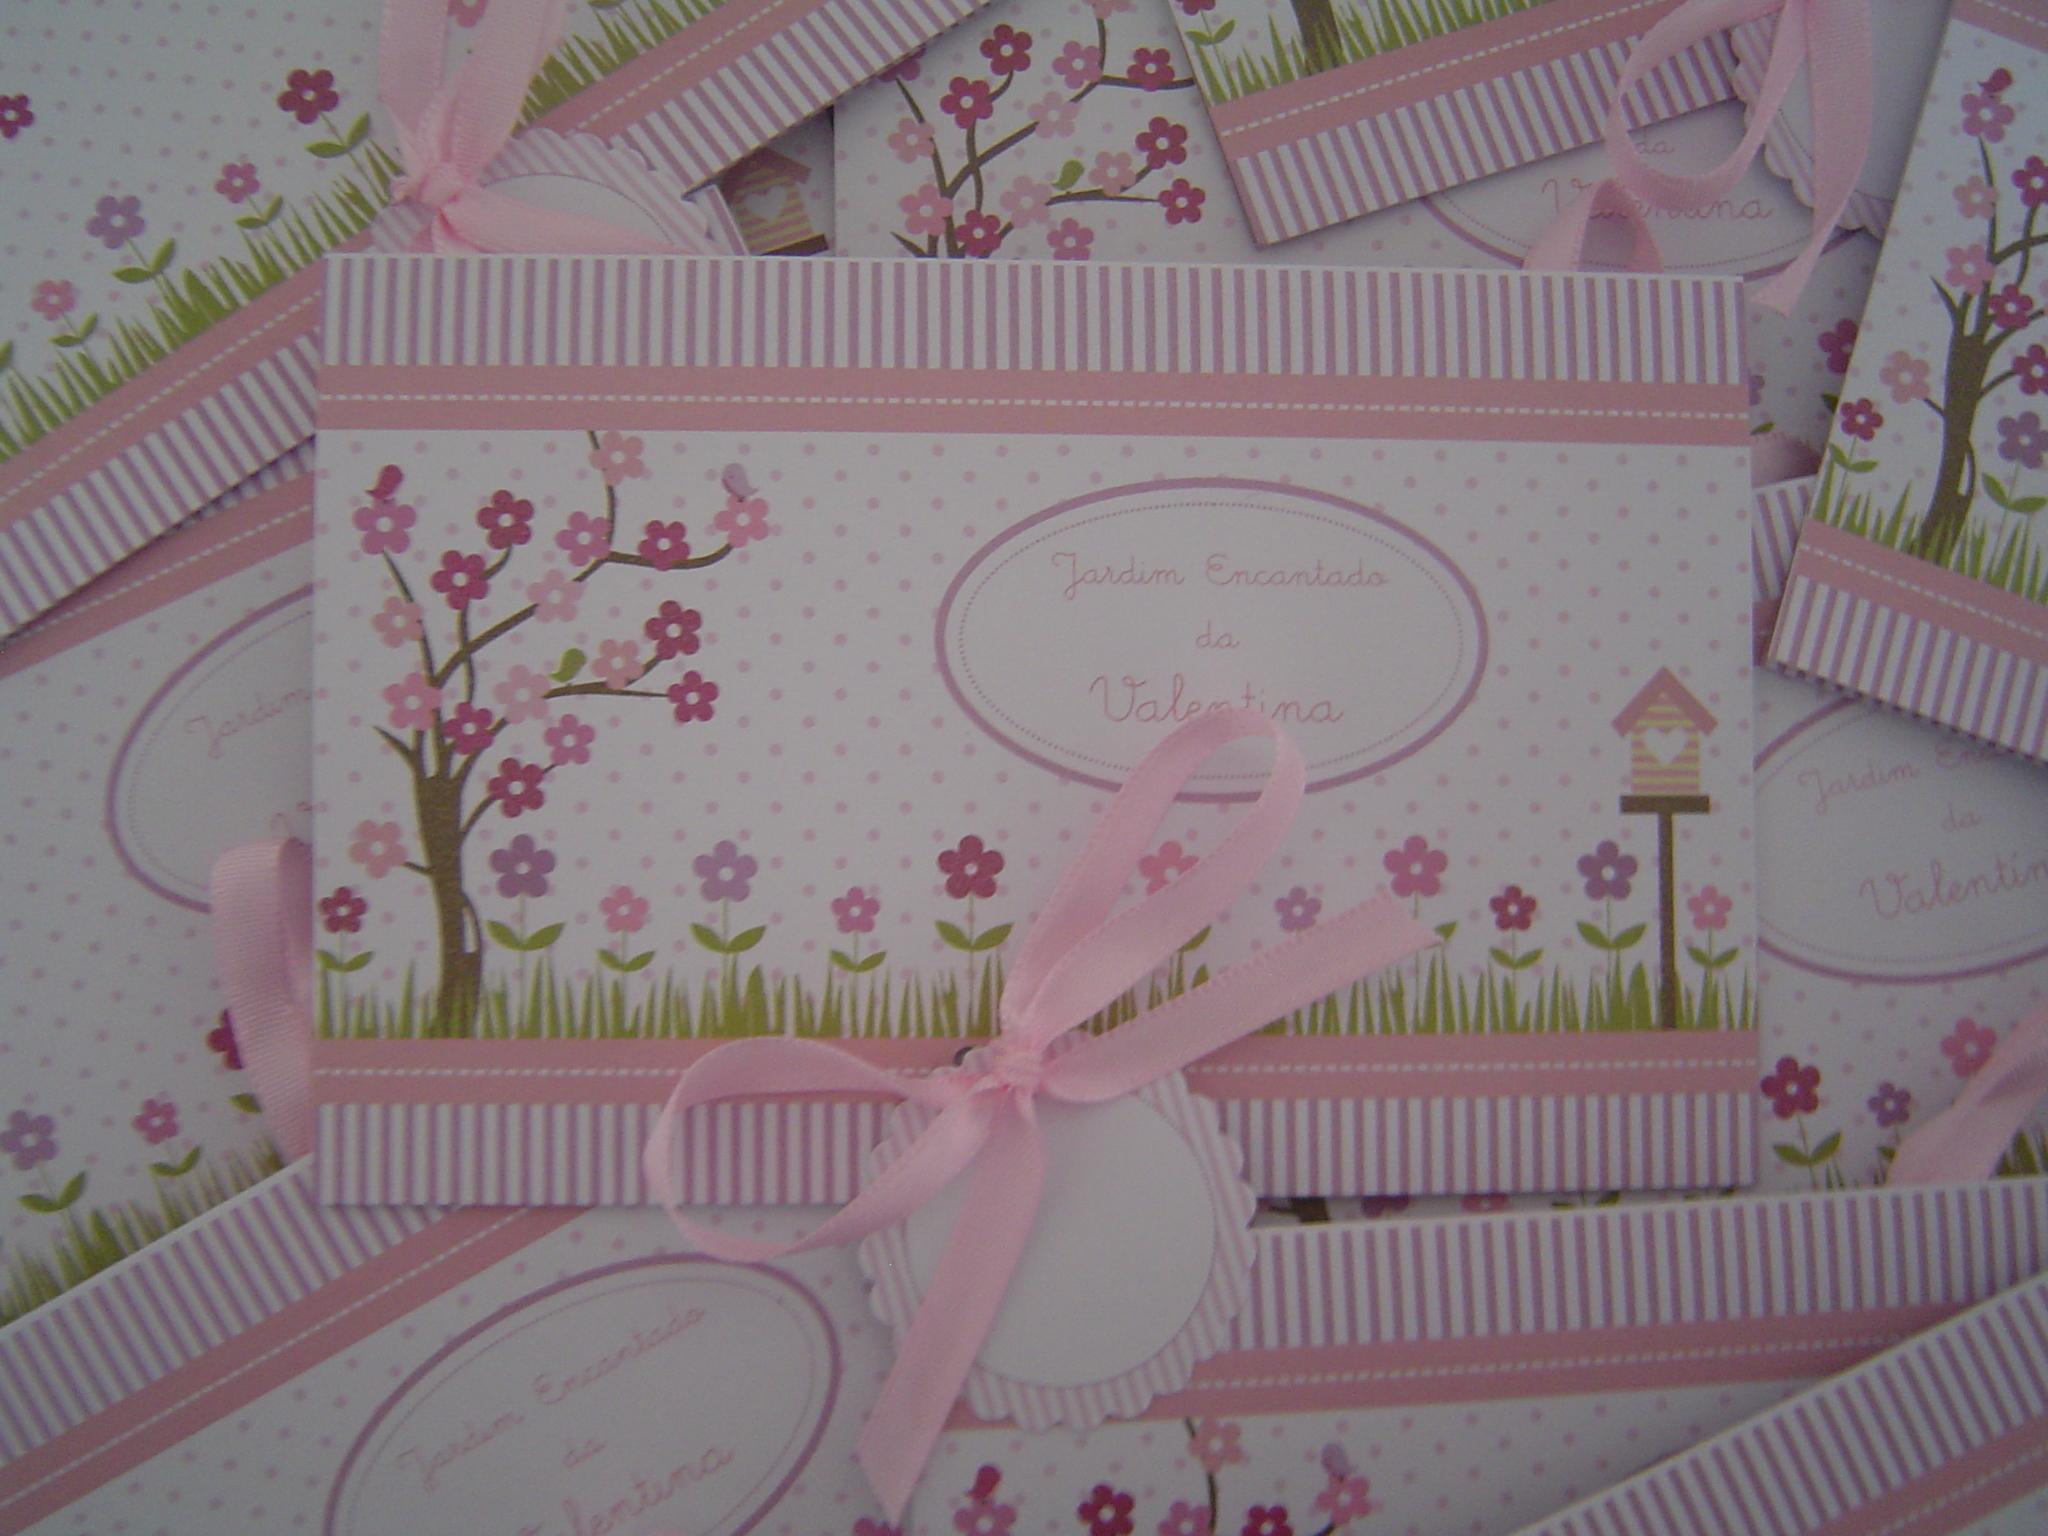 imagens de jardim encantado para convites:convite jardim encantado convite convite jardim encantado aniversario